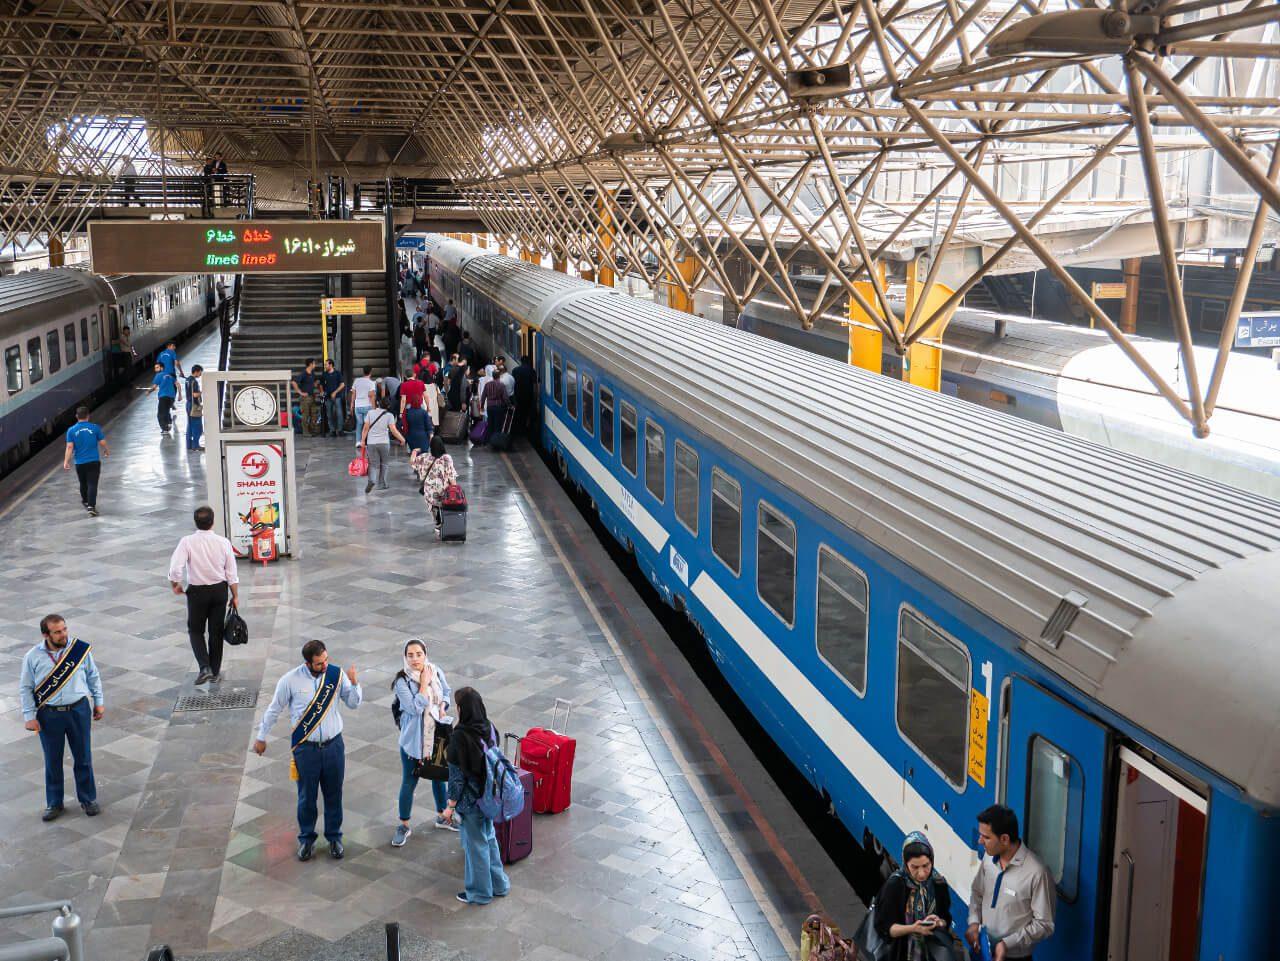 Peron dworca kolejowego w Teheranie